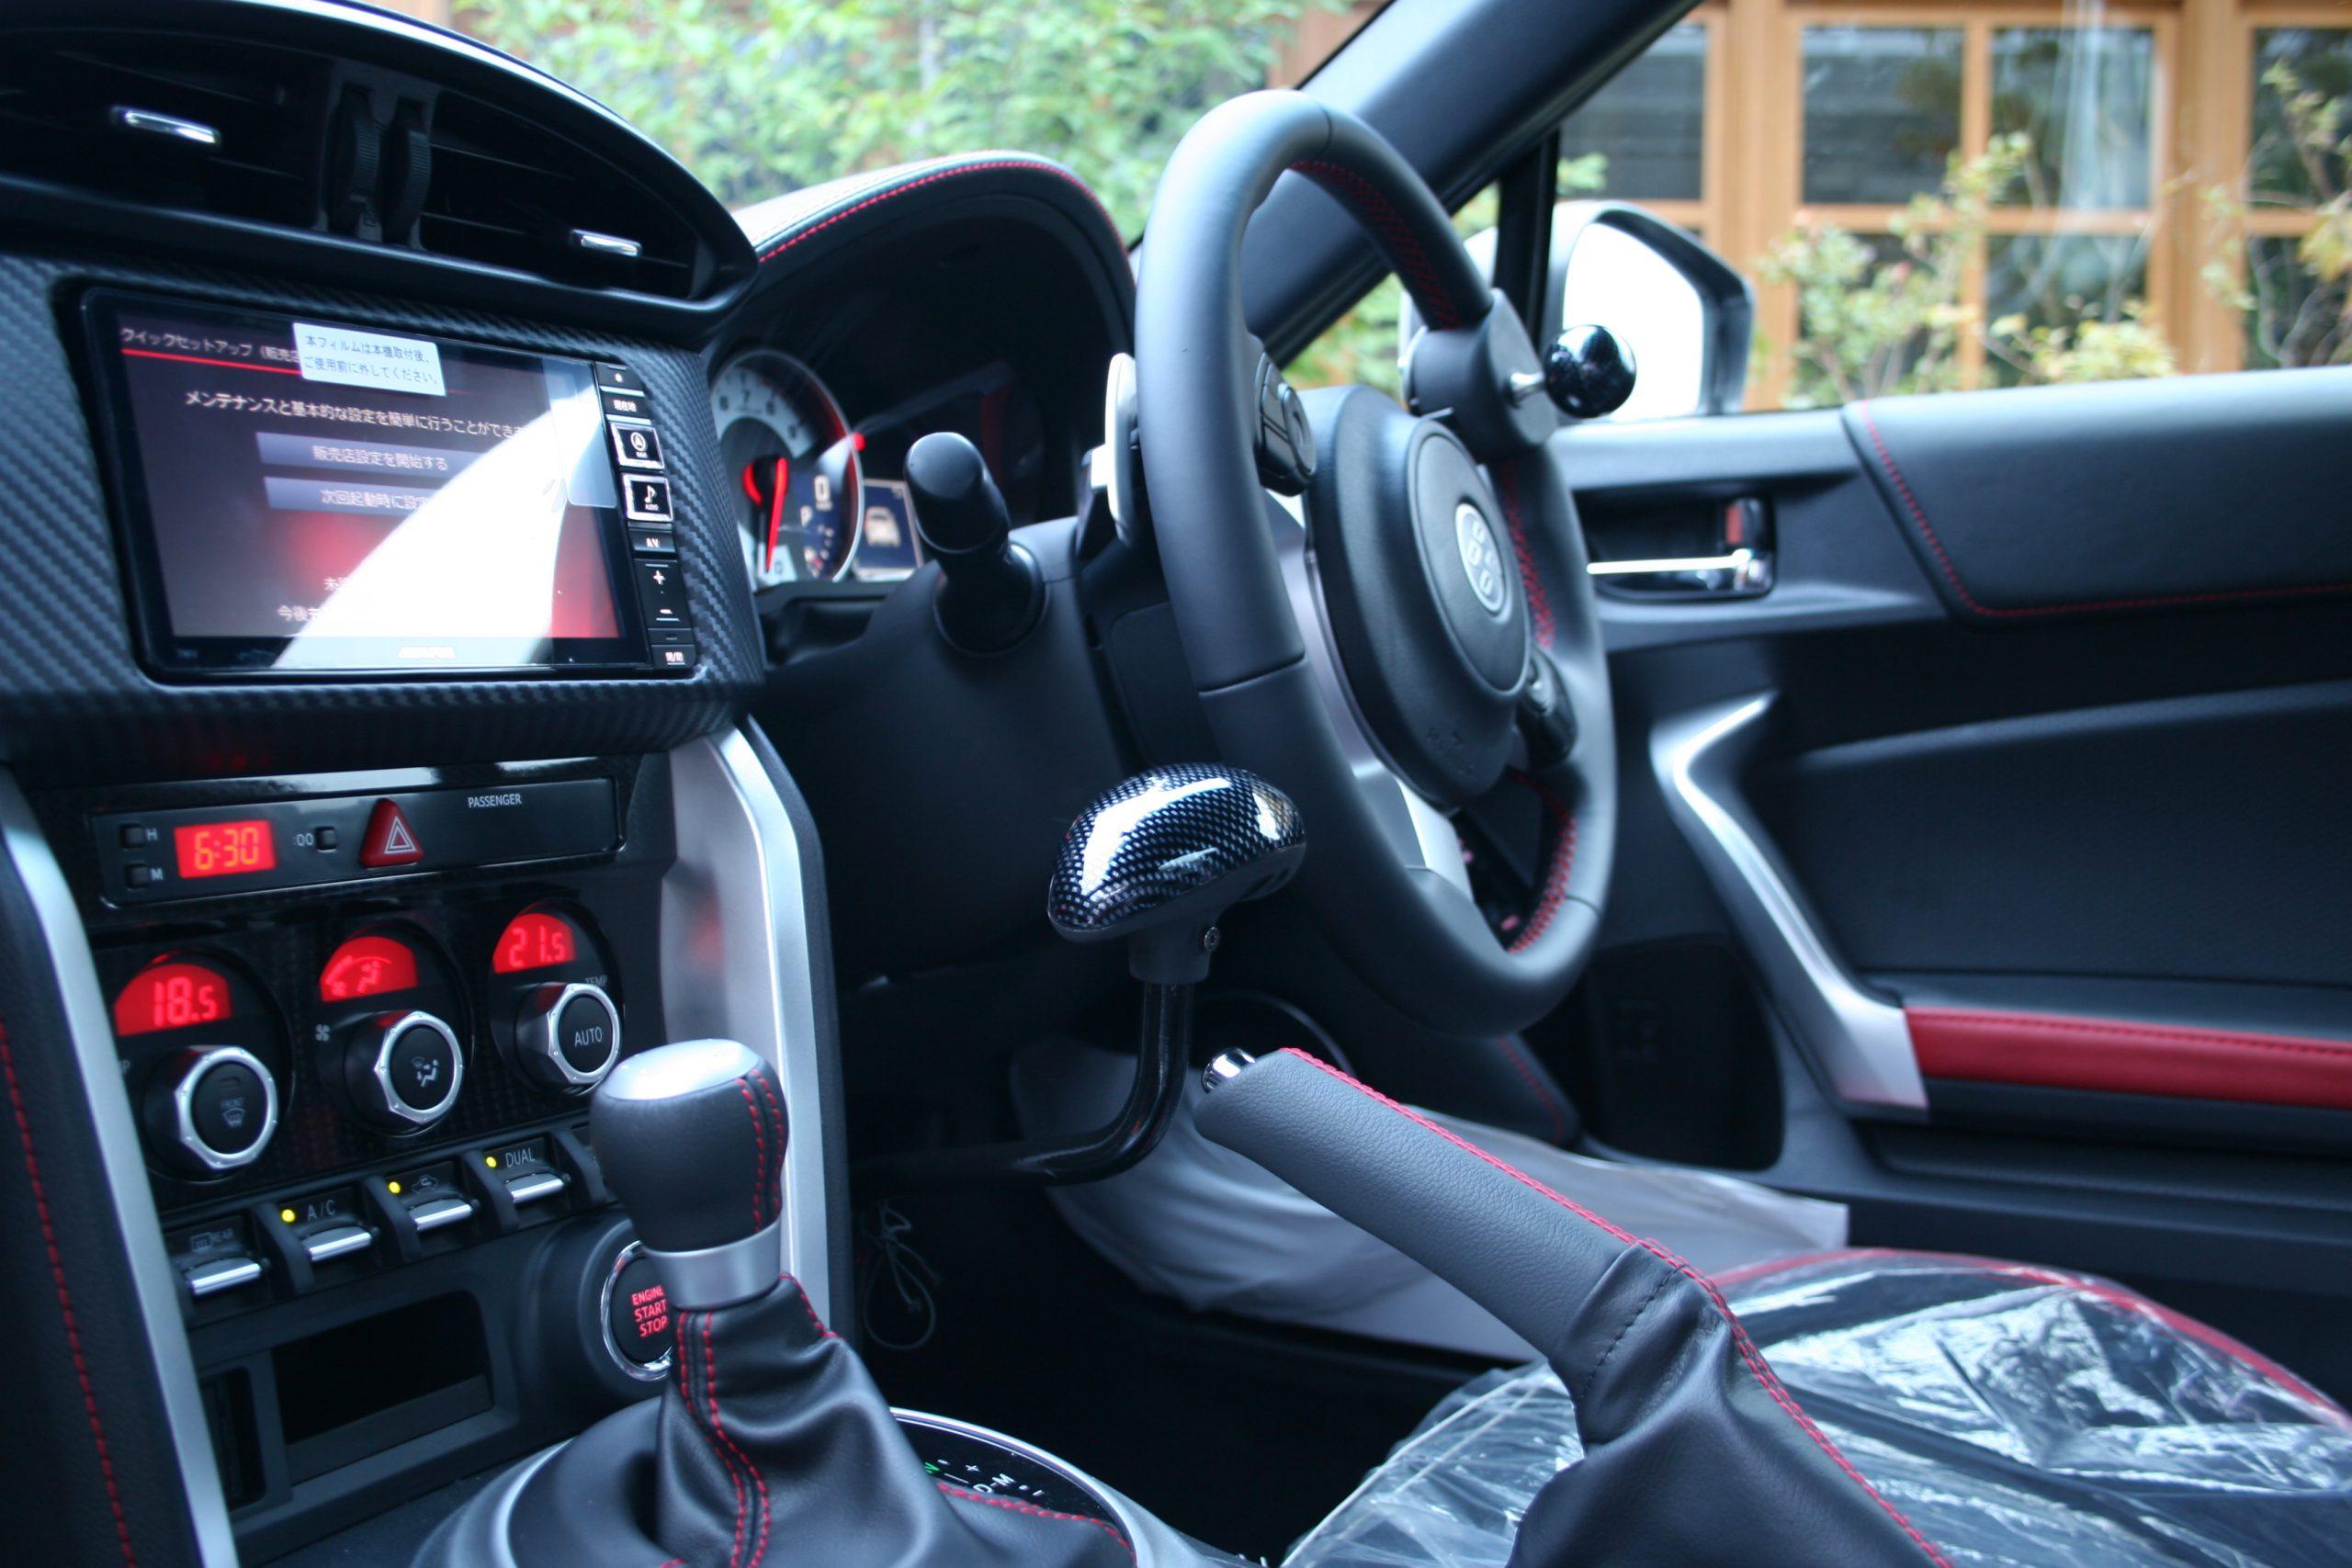 福祉車両改造事例-トヨタ86×手動運転装置